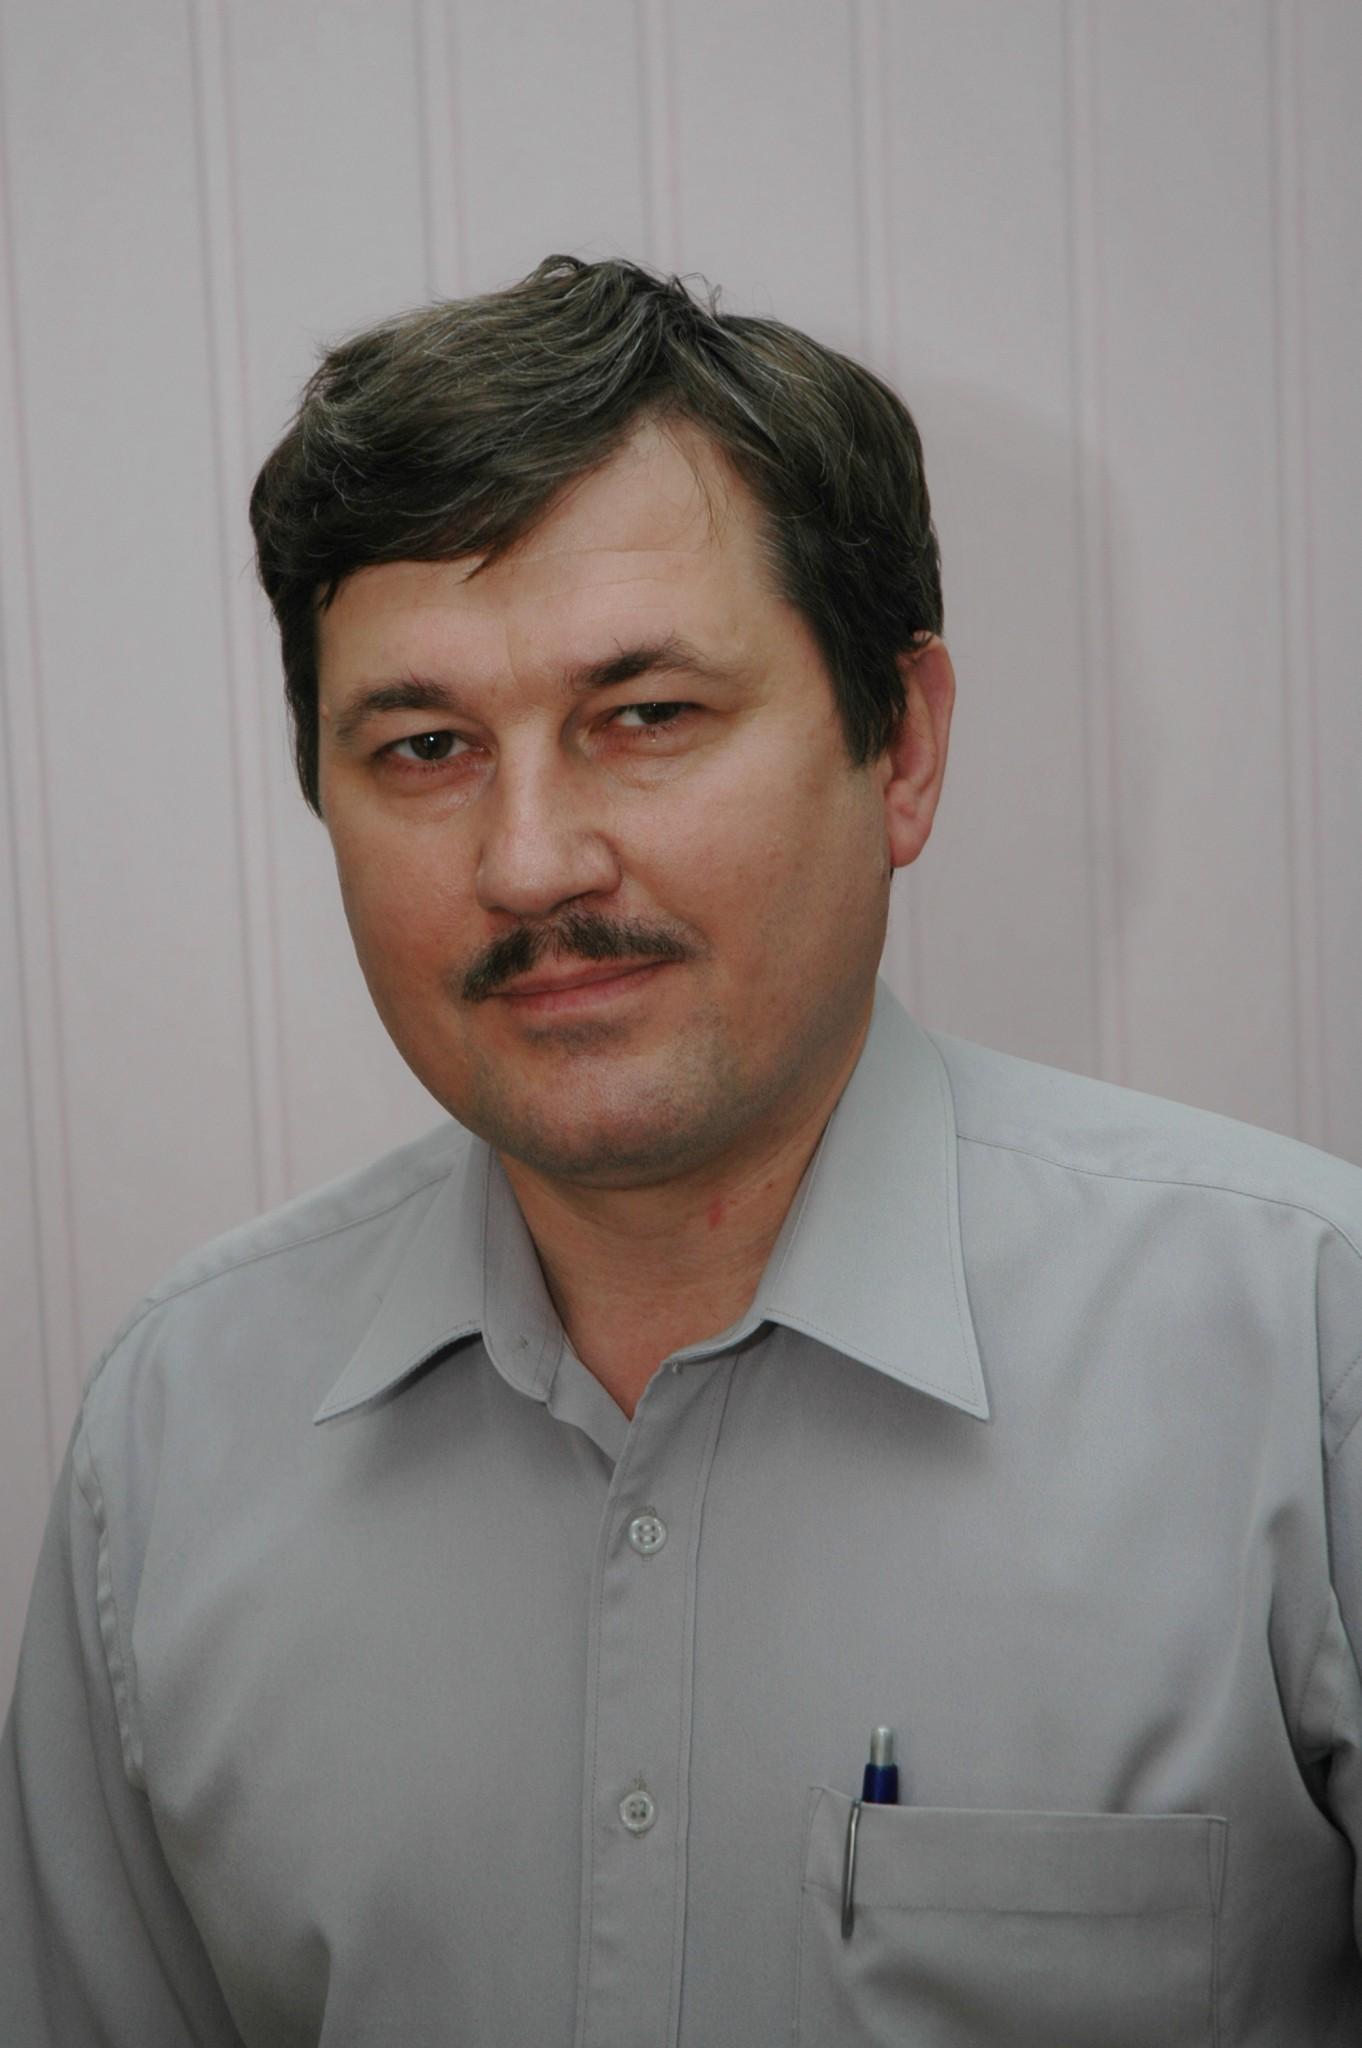 Володимир Вікторович Зиков